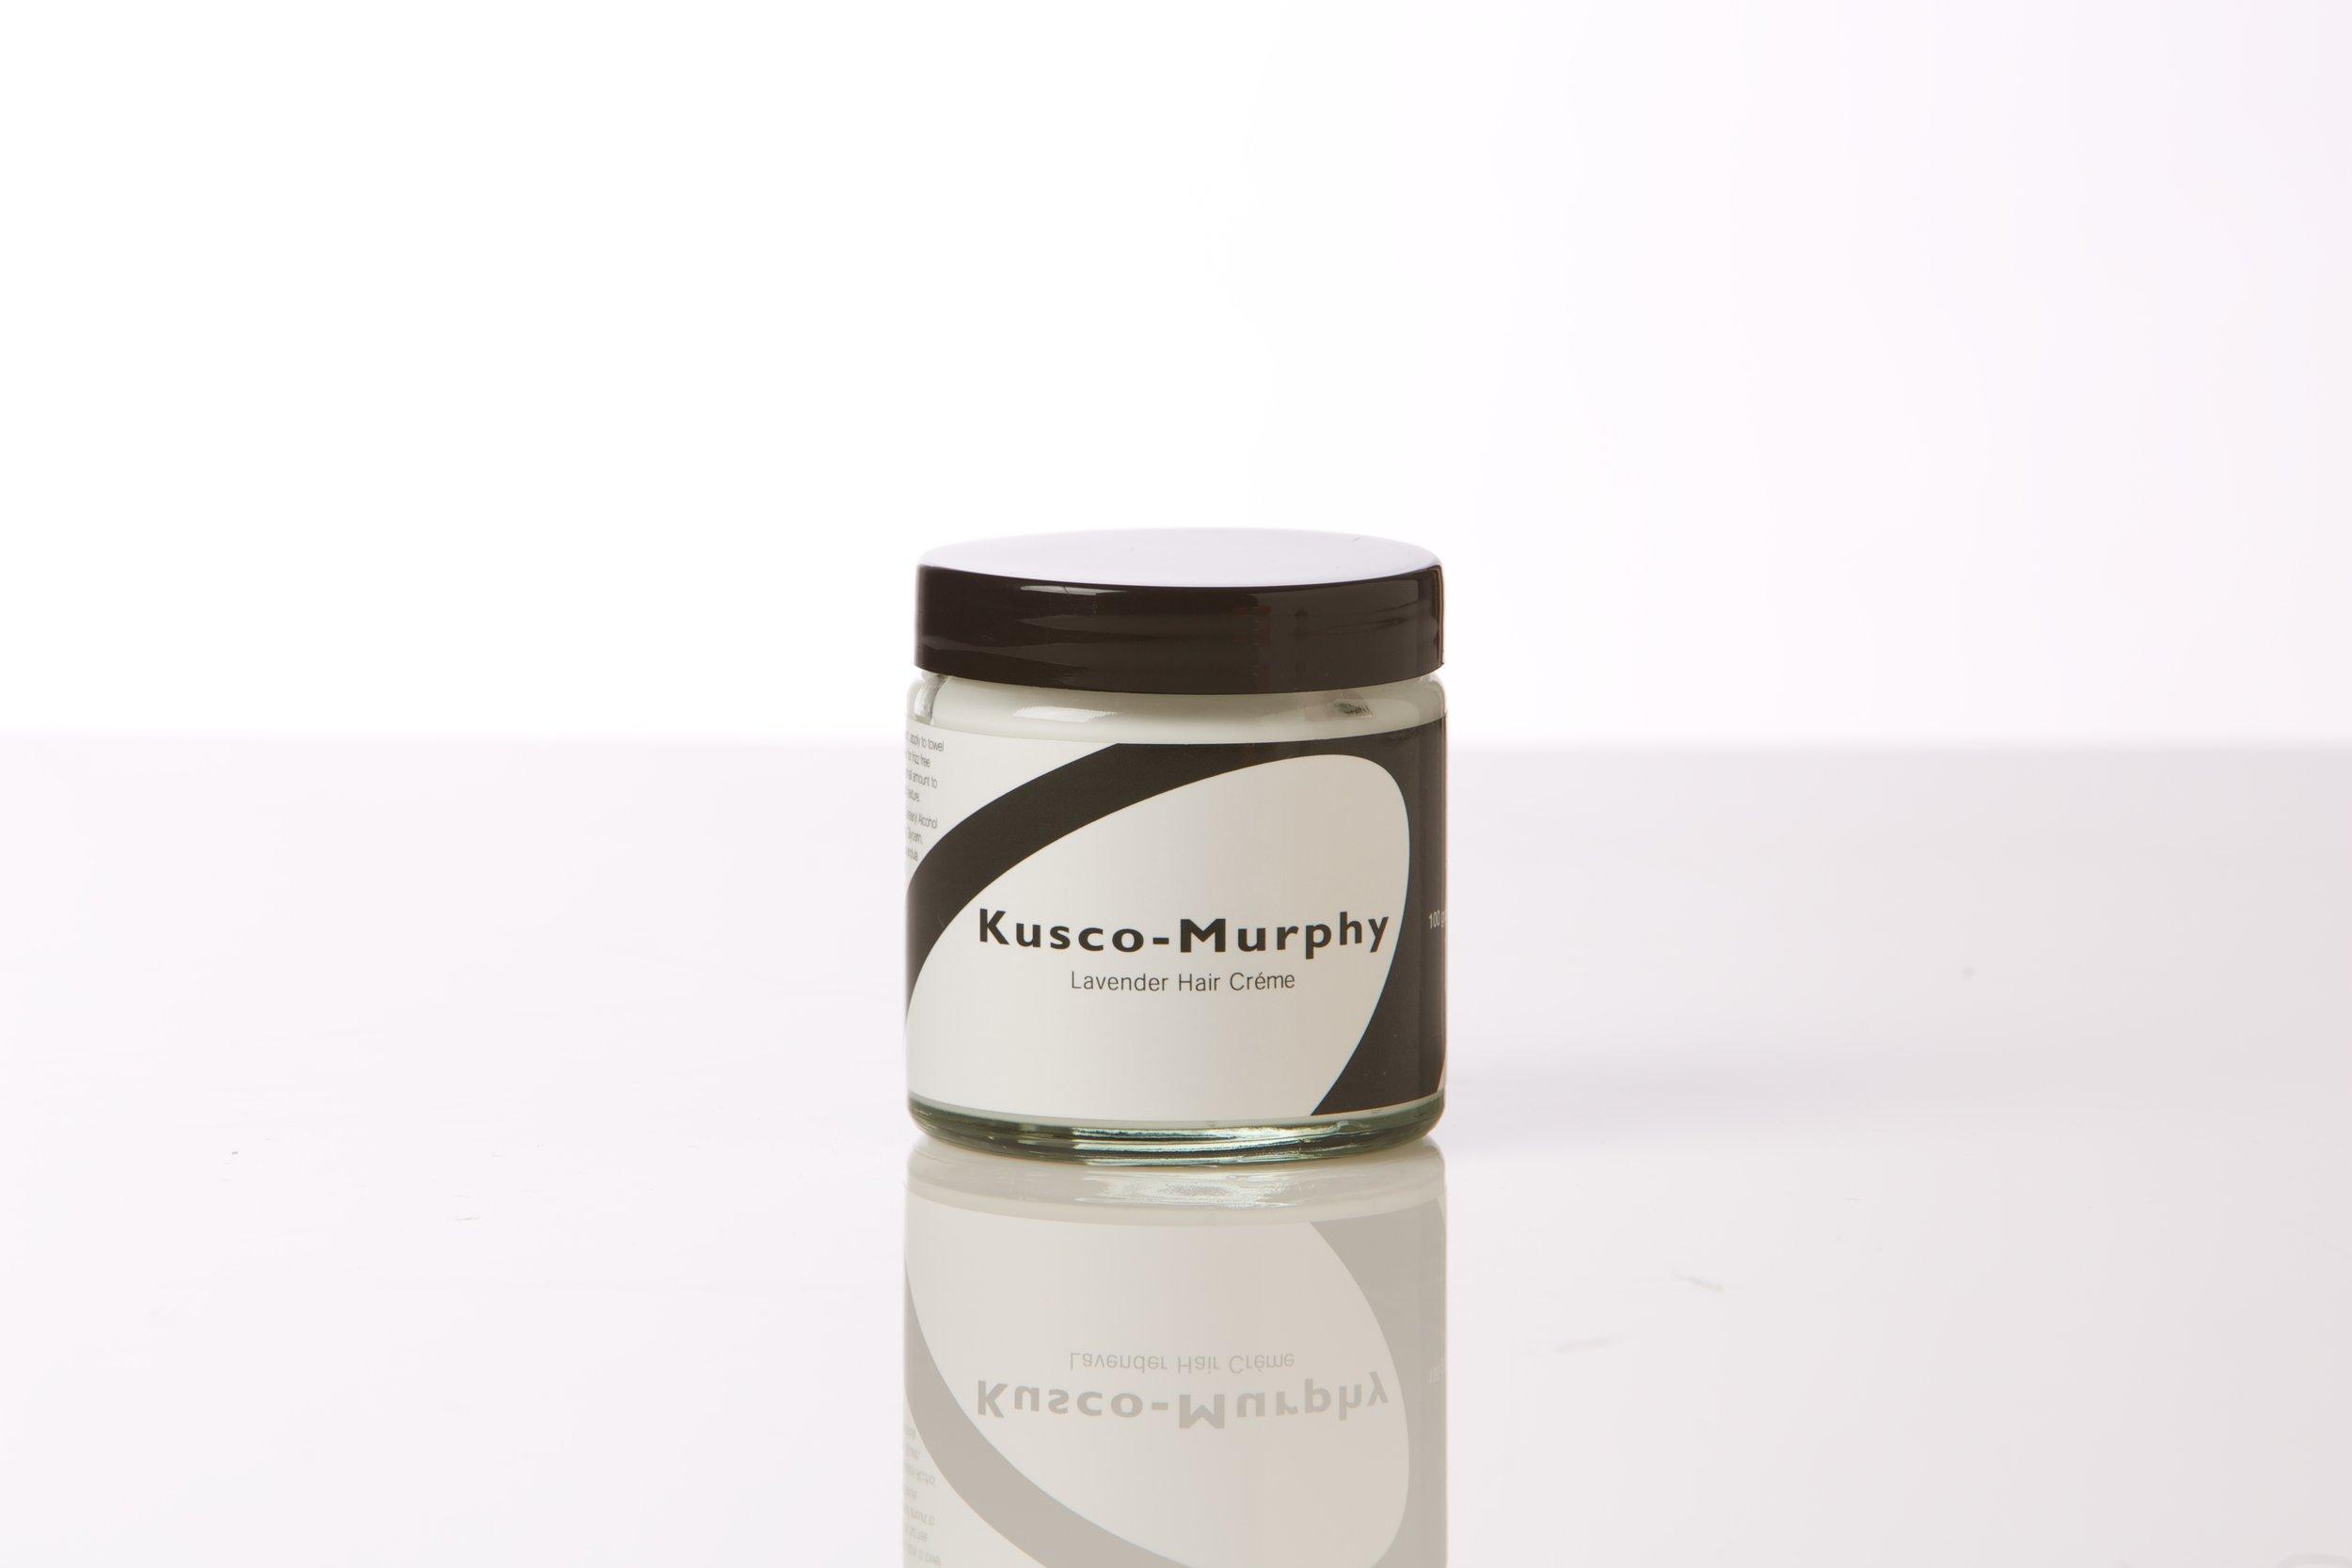 Kusco-Murphy Lavender Creme